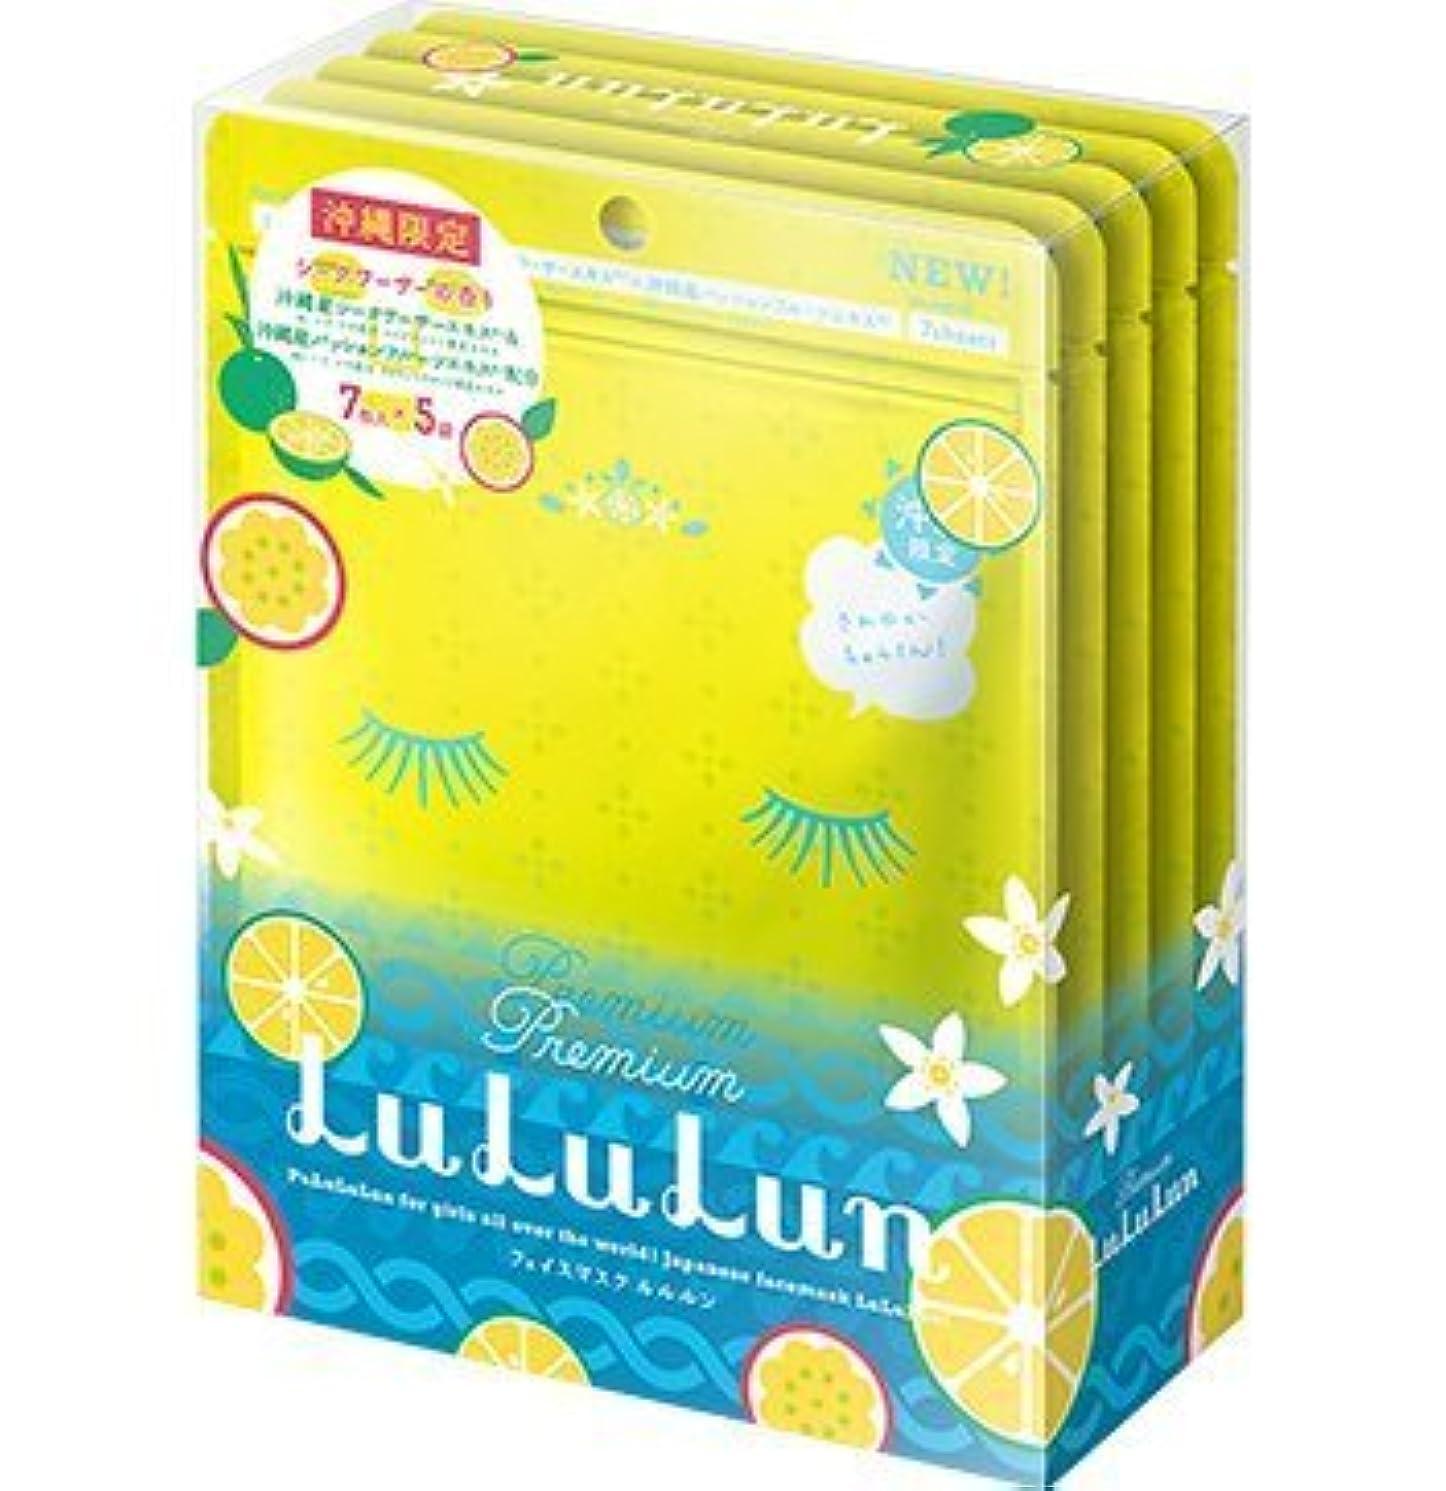 渇きおかしい好意沖縄限定 沖縄プレミアム ルルルン LuLuLun フェイスマスク シークワーサーの香り 7枚入り×5袋